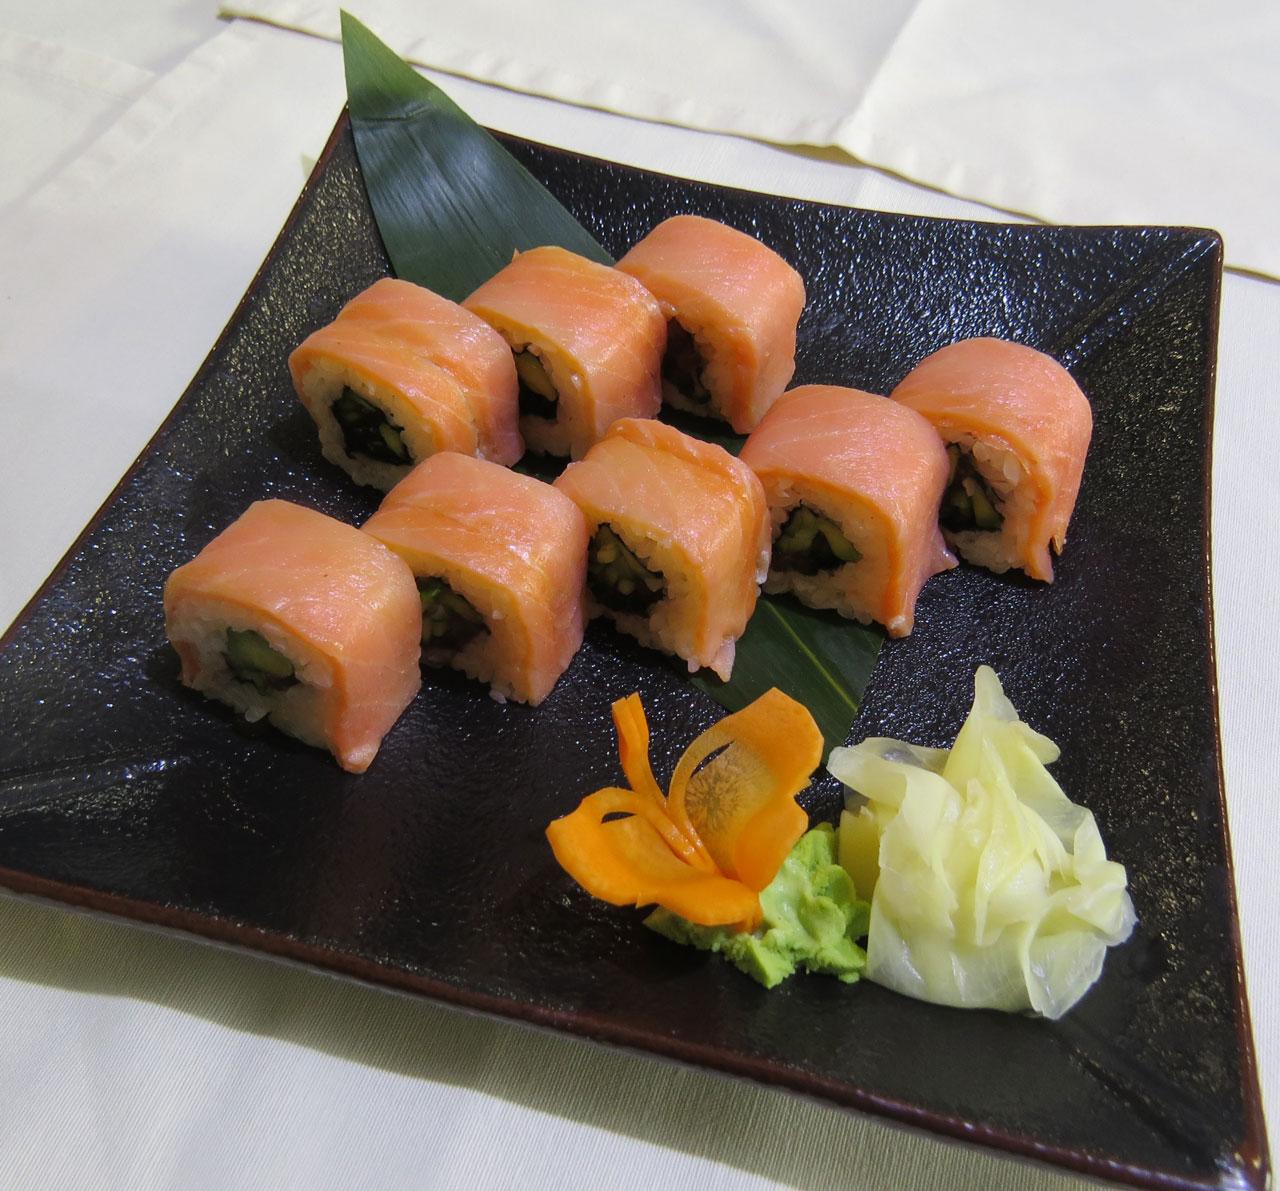 Сяке Кунсей Маки Ролл с копченым лососем и красной икрой. Ресторан Аннам Брахма в Оренбурге